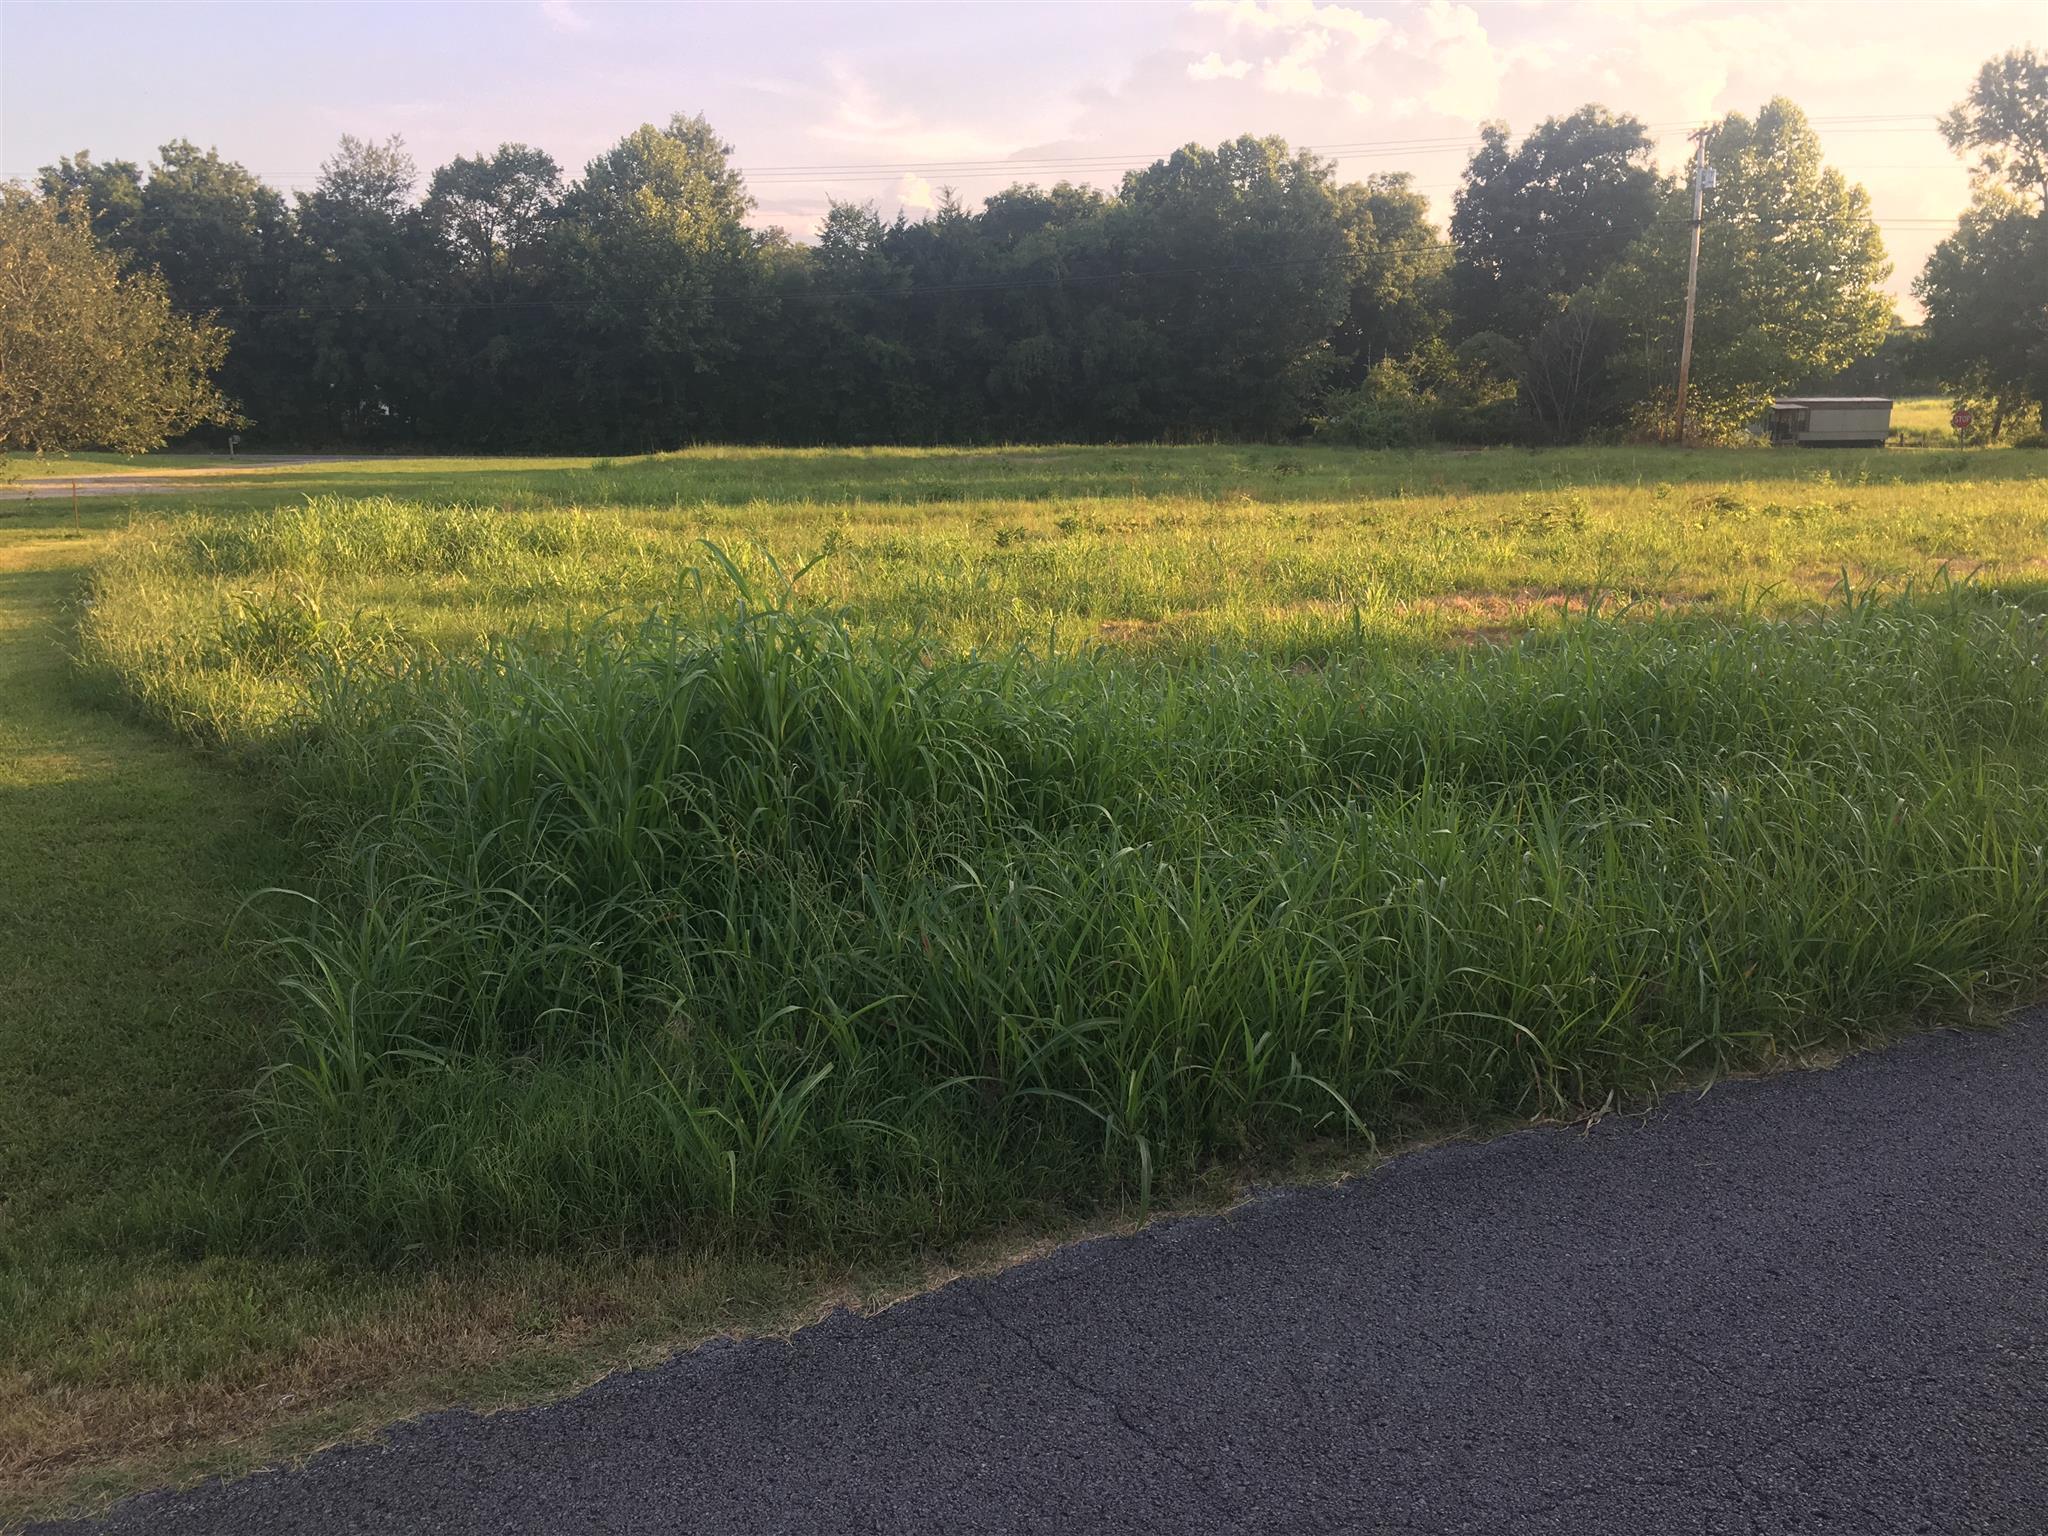 0 Old Columbia Road, Unionville, TN 37180 - Unionville, TN real estate listing